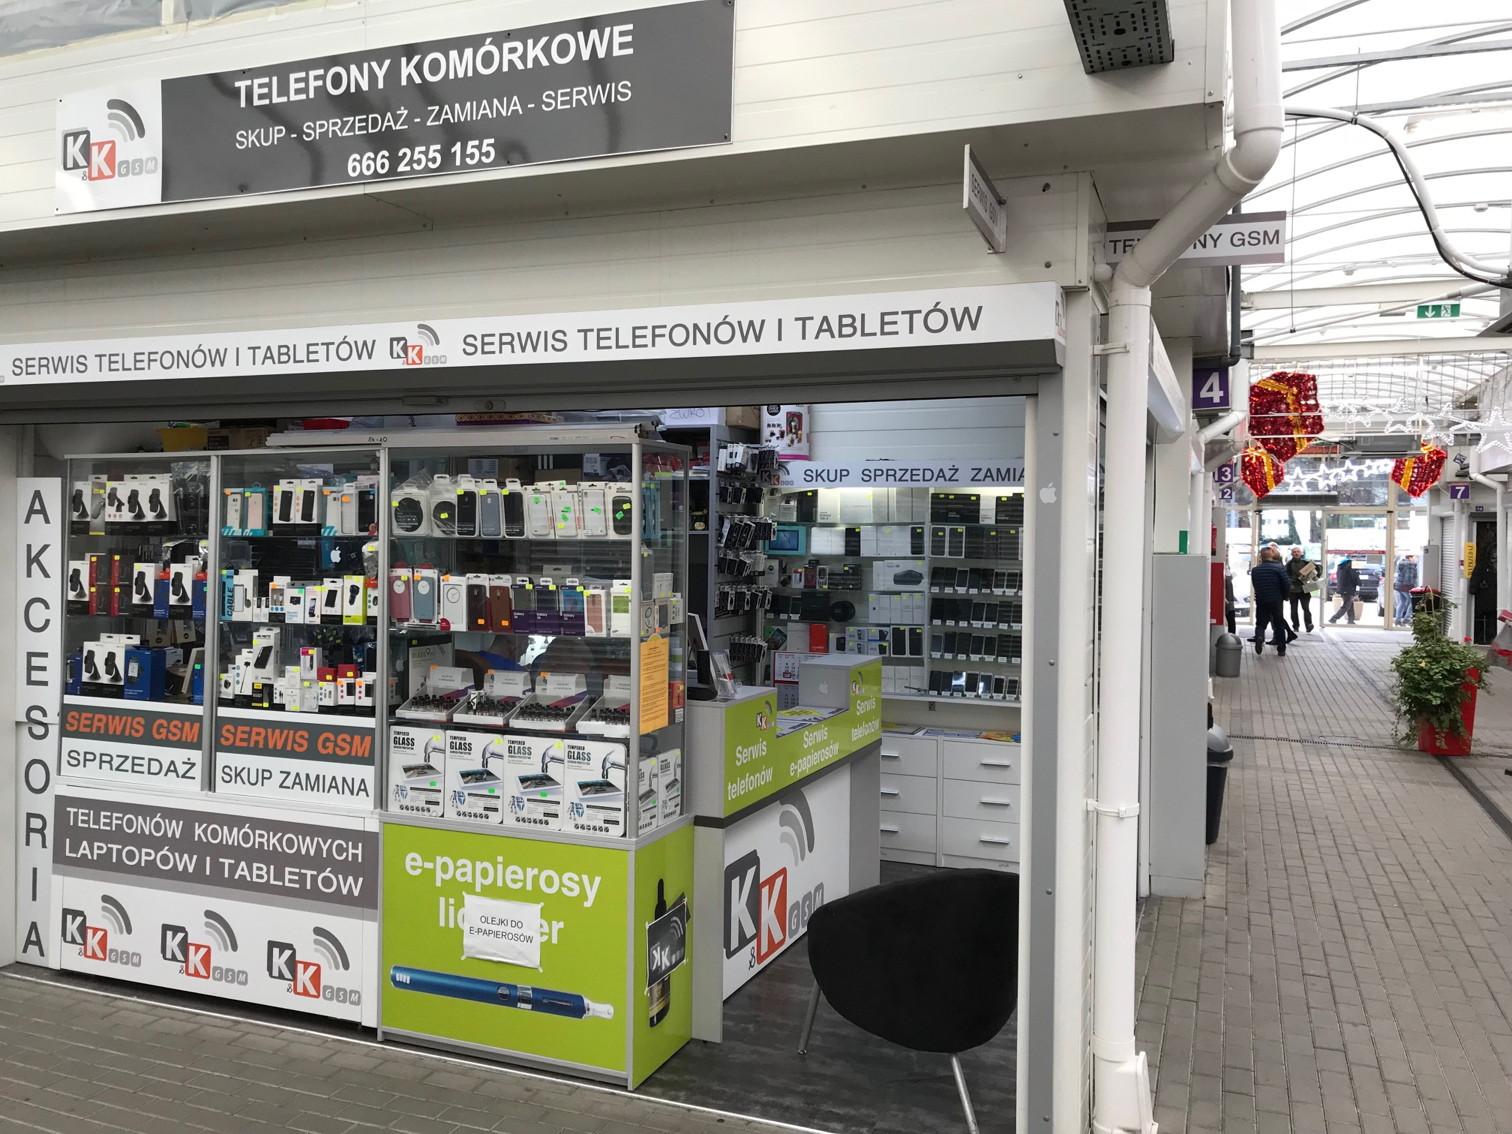 53cb5ce790dea6 ... dzięki czemu z łatwością do nas trafisz z każdej części Wrocławia.  Poniżej prezentujemy zdjęcie z widoku zewnętrznego na nasz skup telefonów.